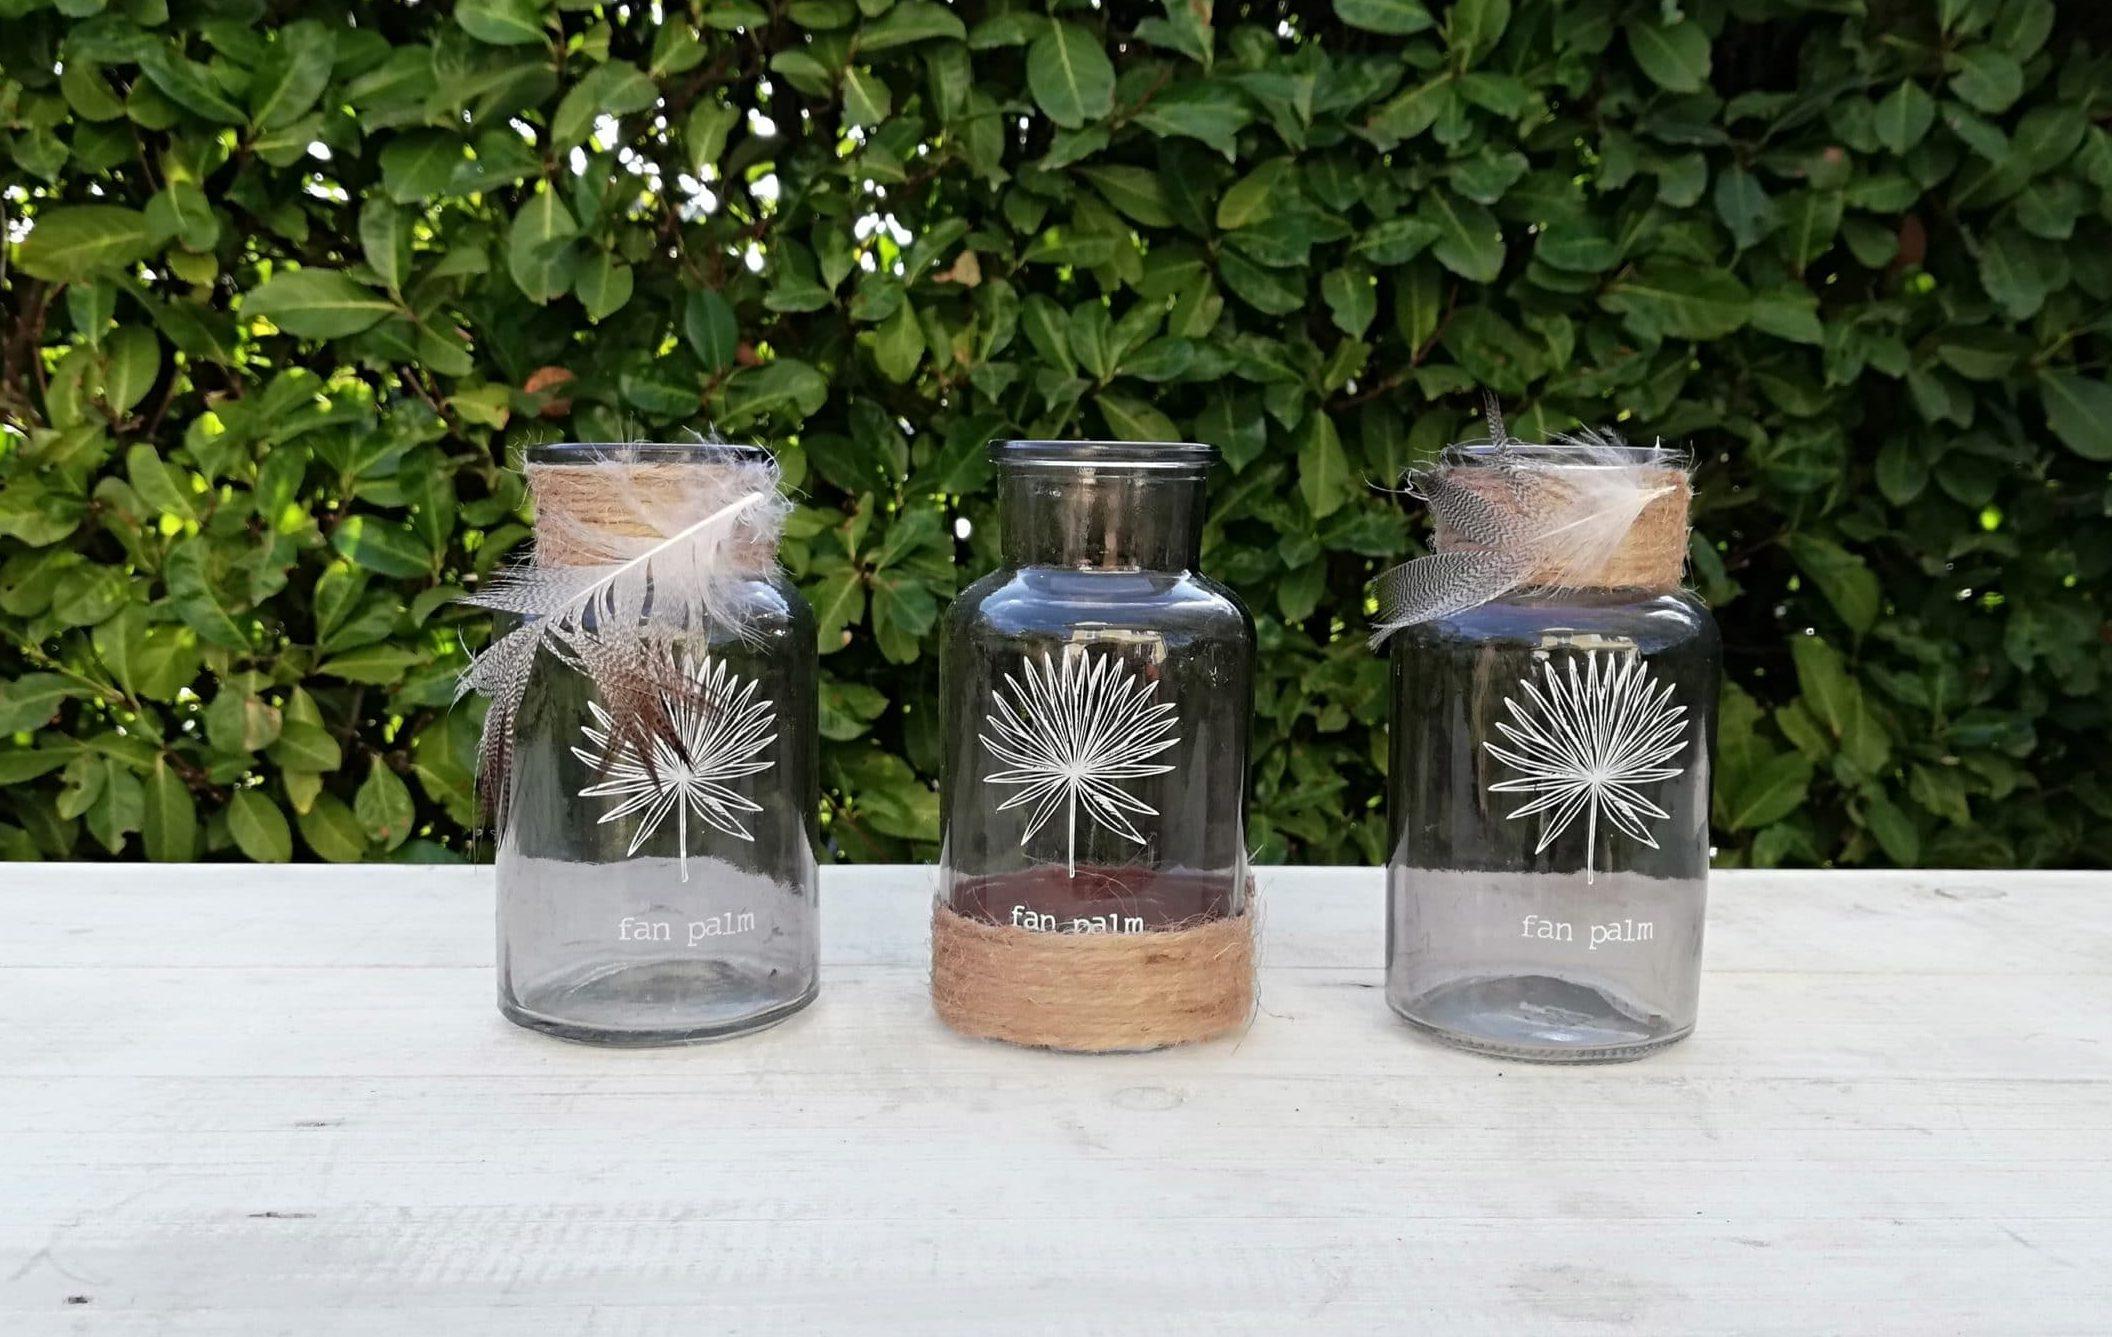 Location de petites bouteilles en verre grises pour la décoration de votre mariage proposée par esprit pop'up